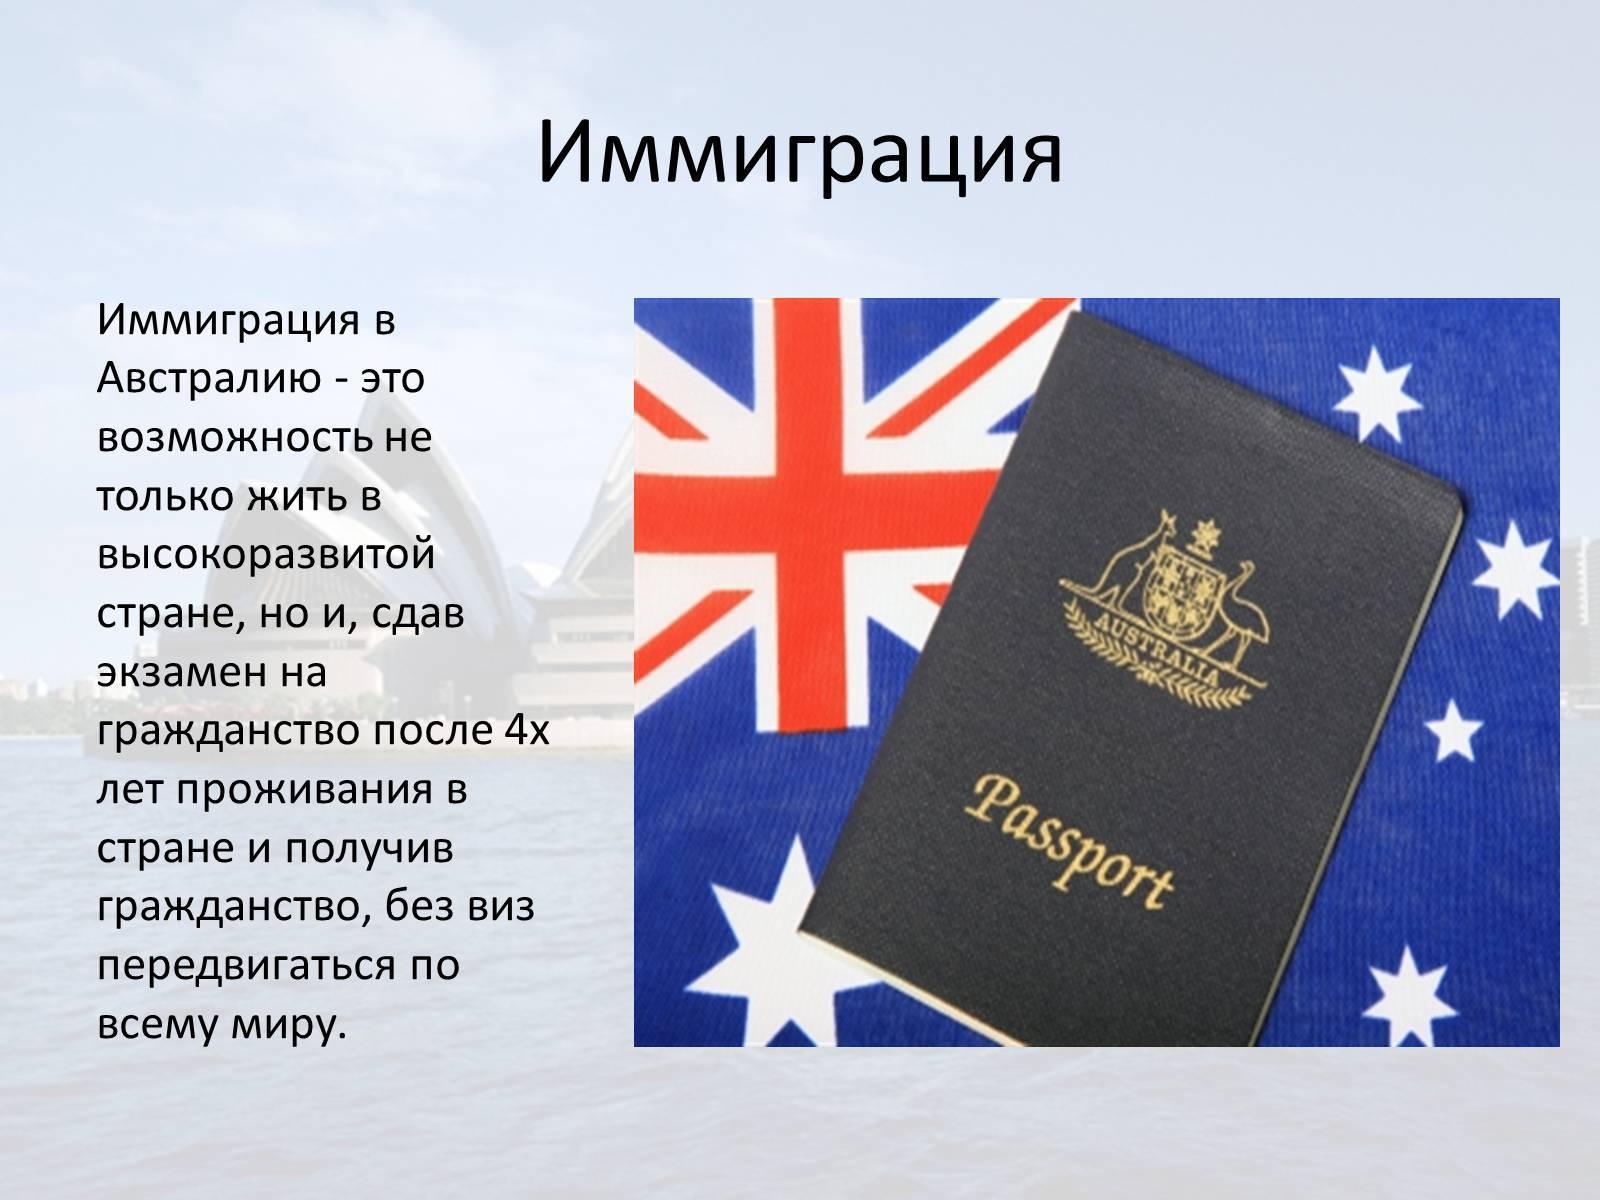 Профессиональная иммиграция в австралию. 189 и 190 визы австралии: получить профессиональную визу